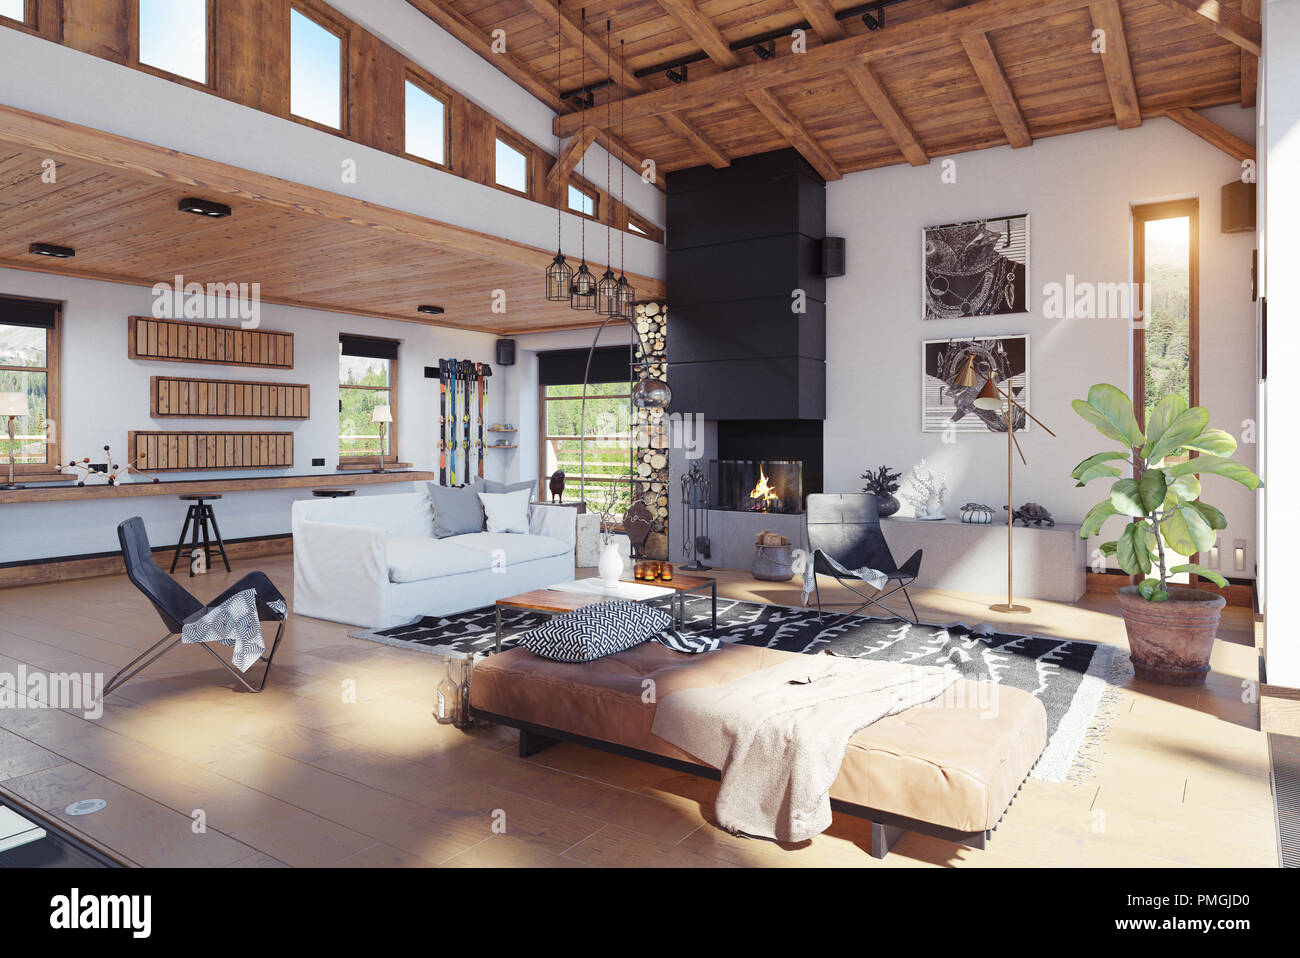 Modernes Chalet Interieur. 3D-rendering Design Konzept ...